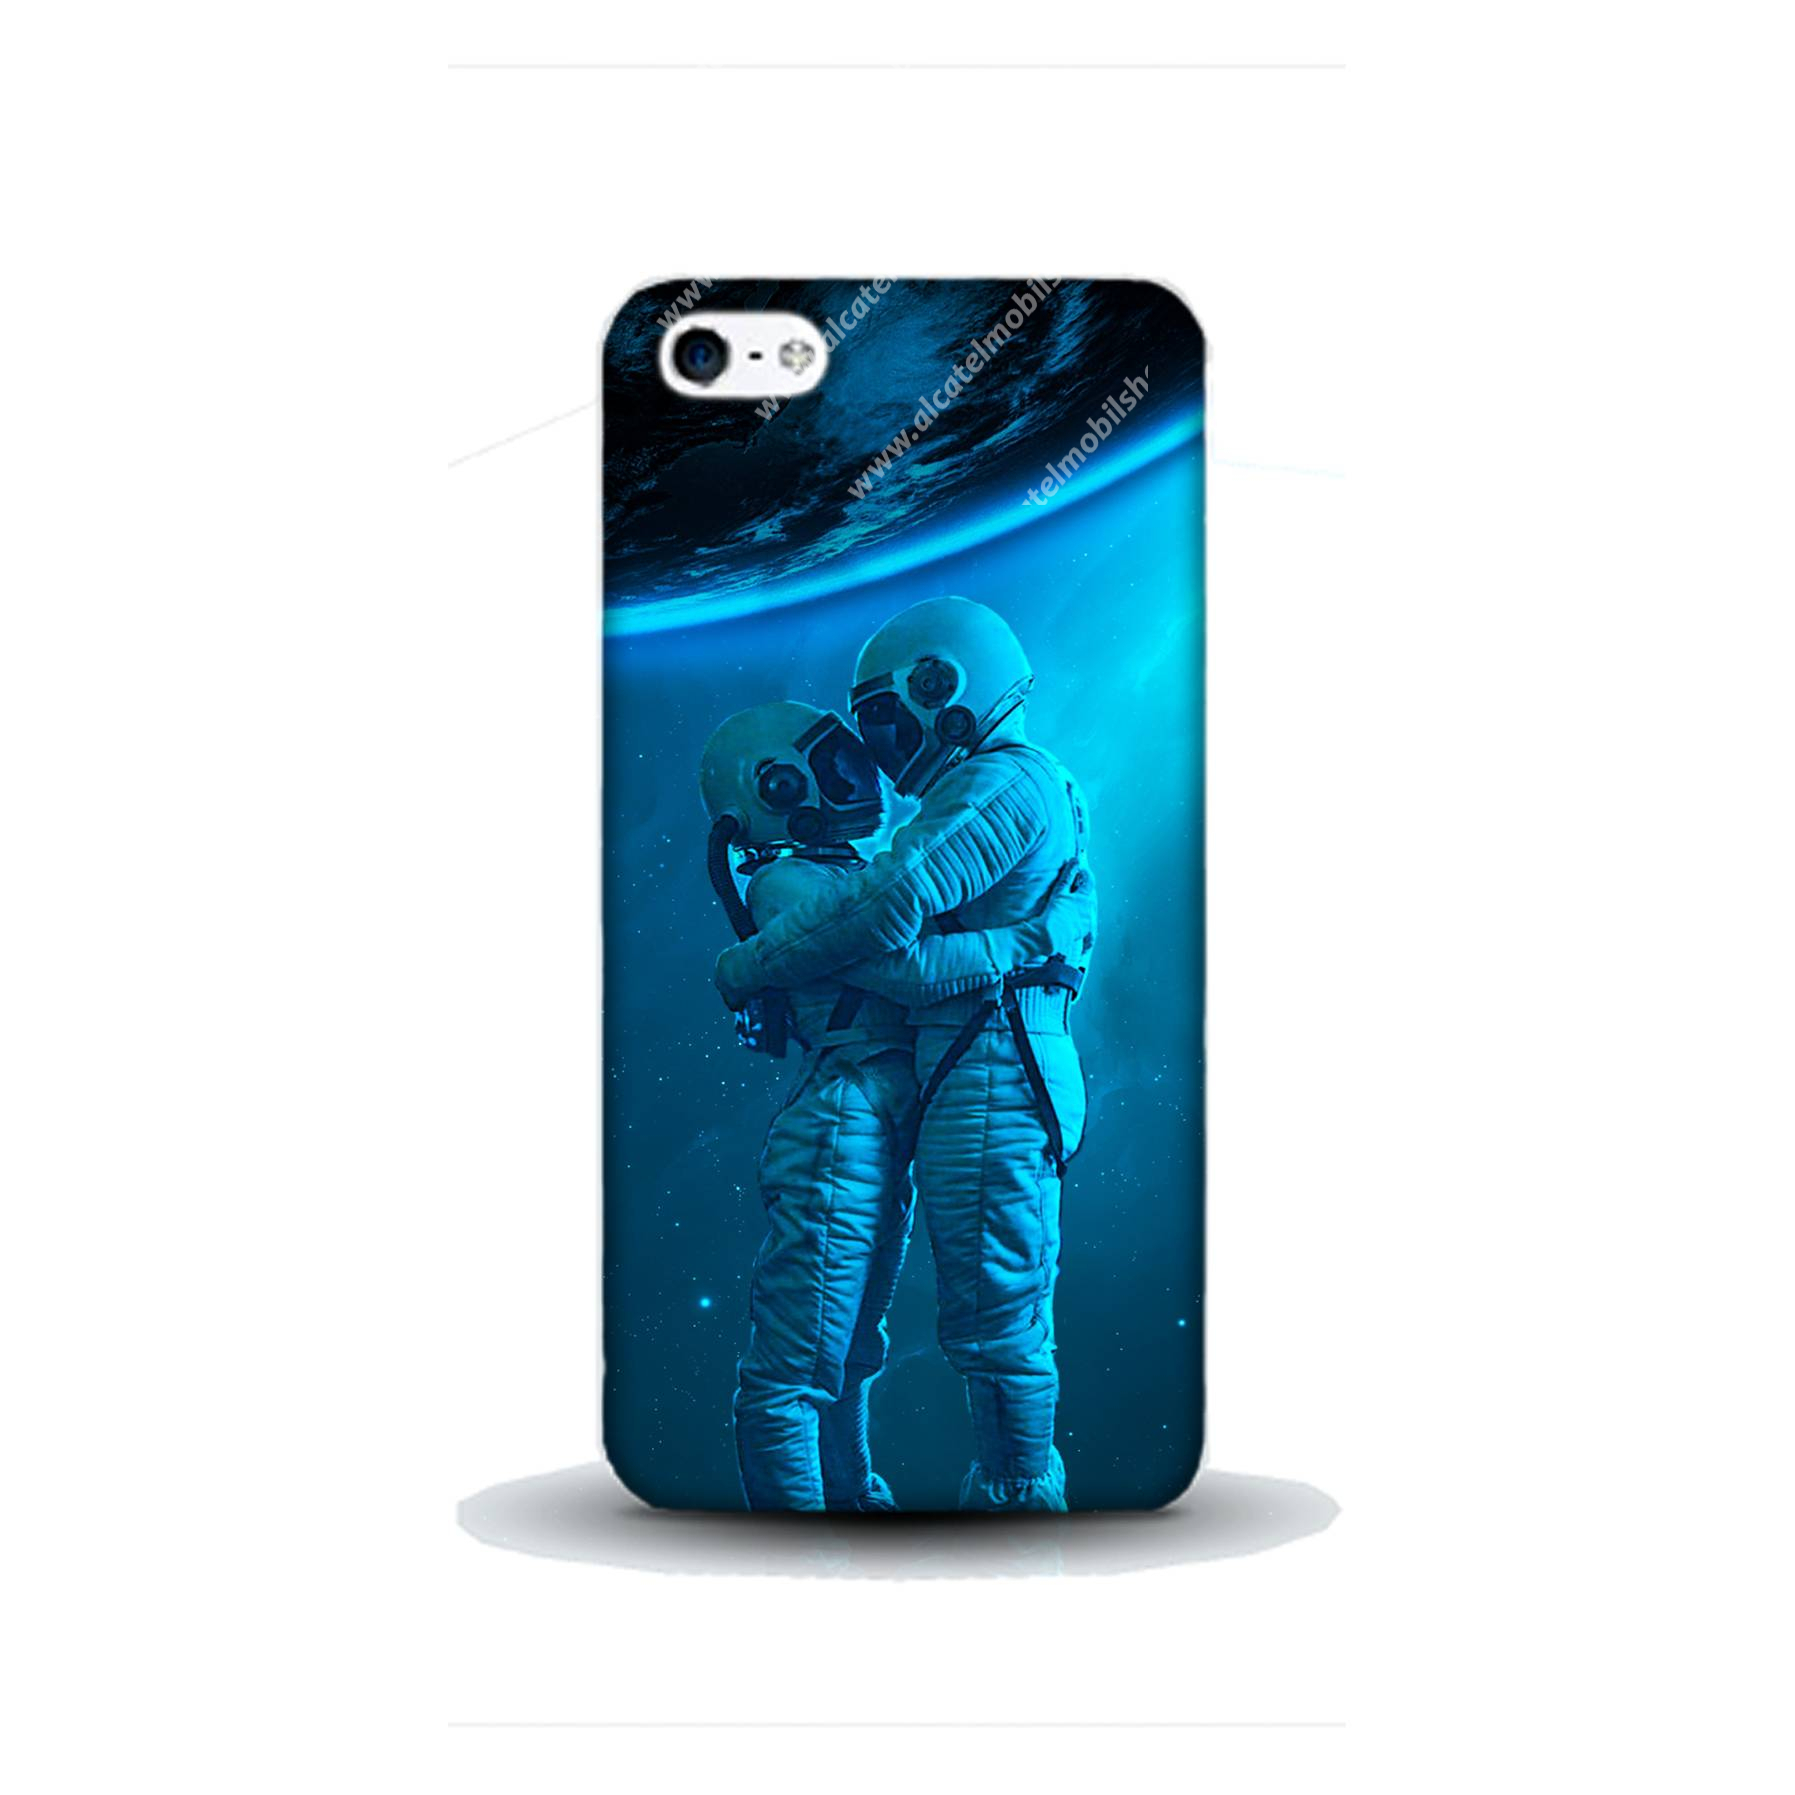 E-pic szilikon védő tok / hátlap - Szerelmes űrhajós pár mintás - APPLE iPhone SE